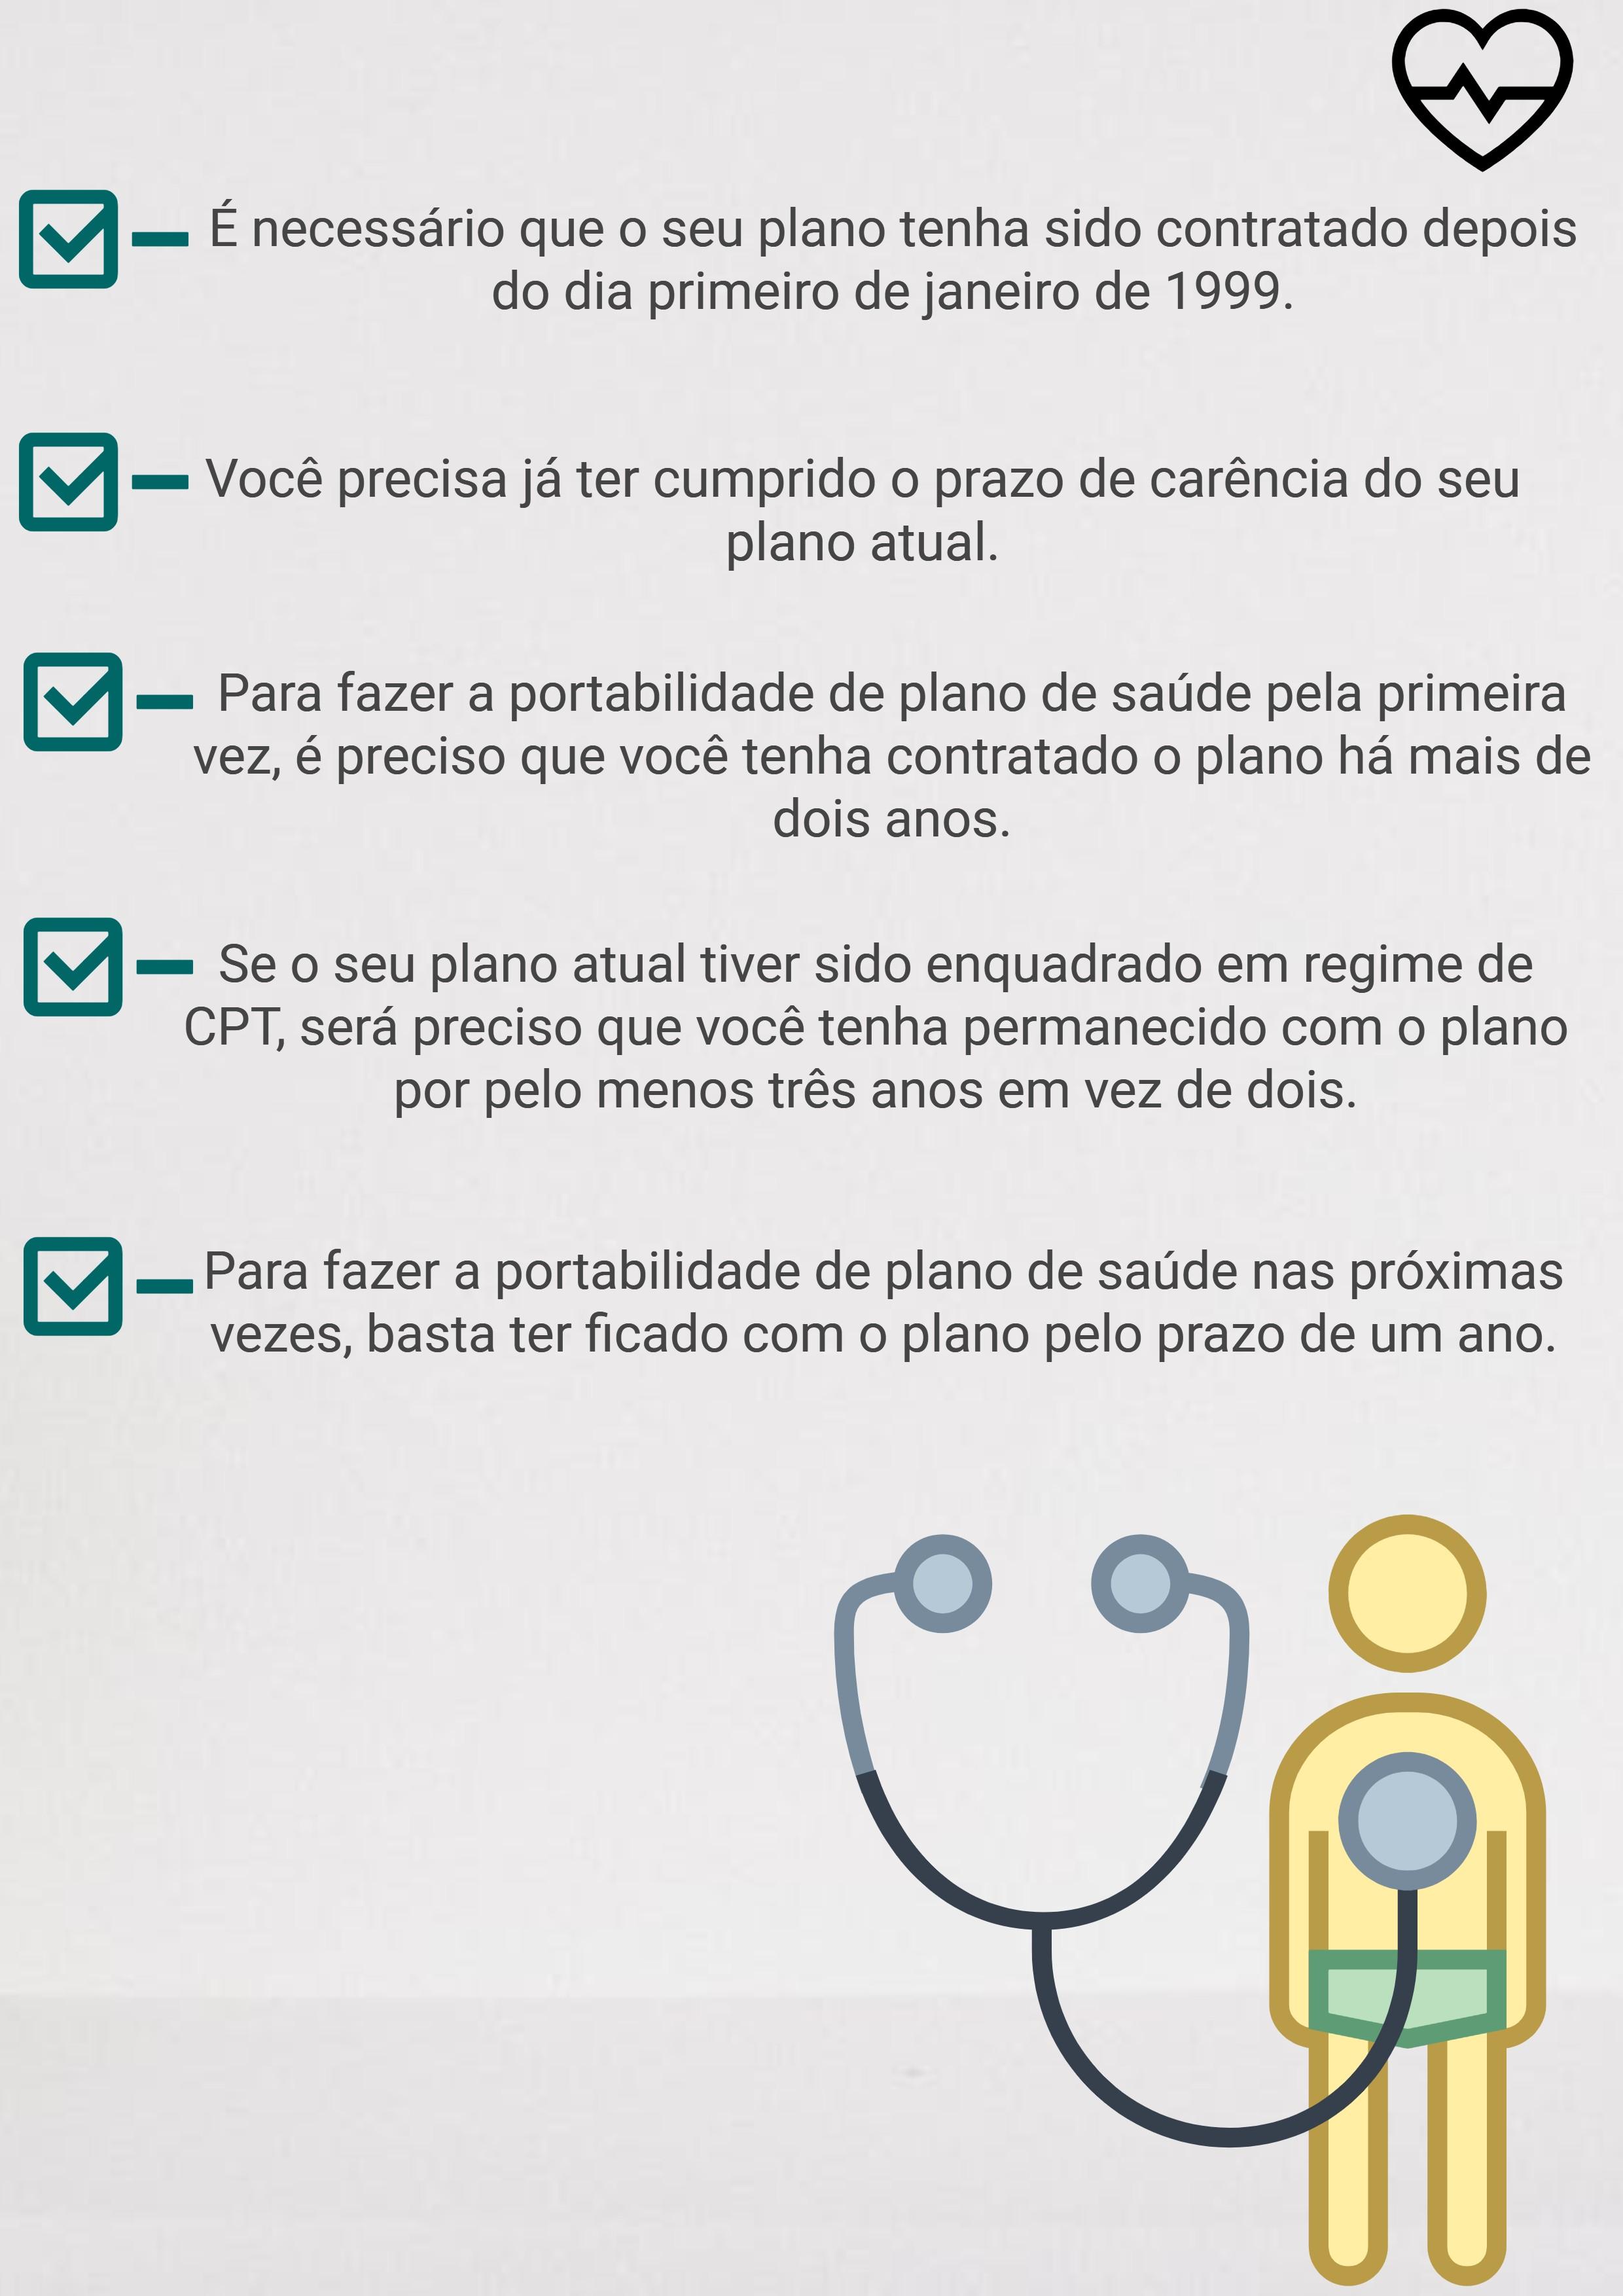 Imagem com informações de como fazer portabilidade do plano de saúde